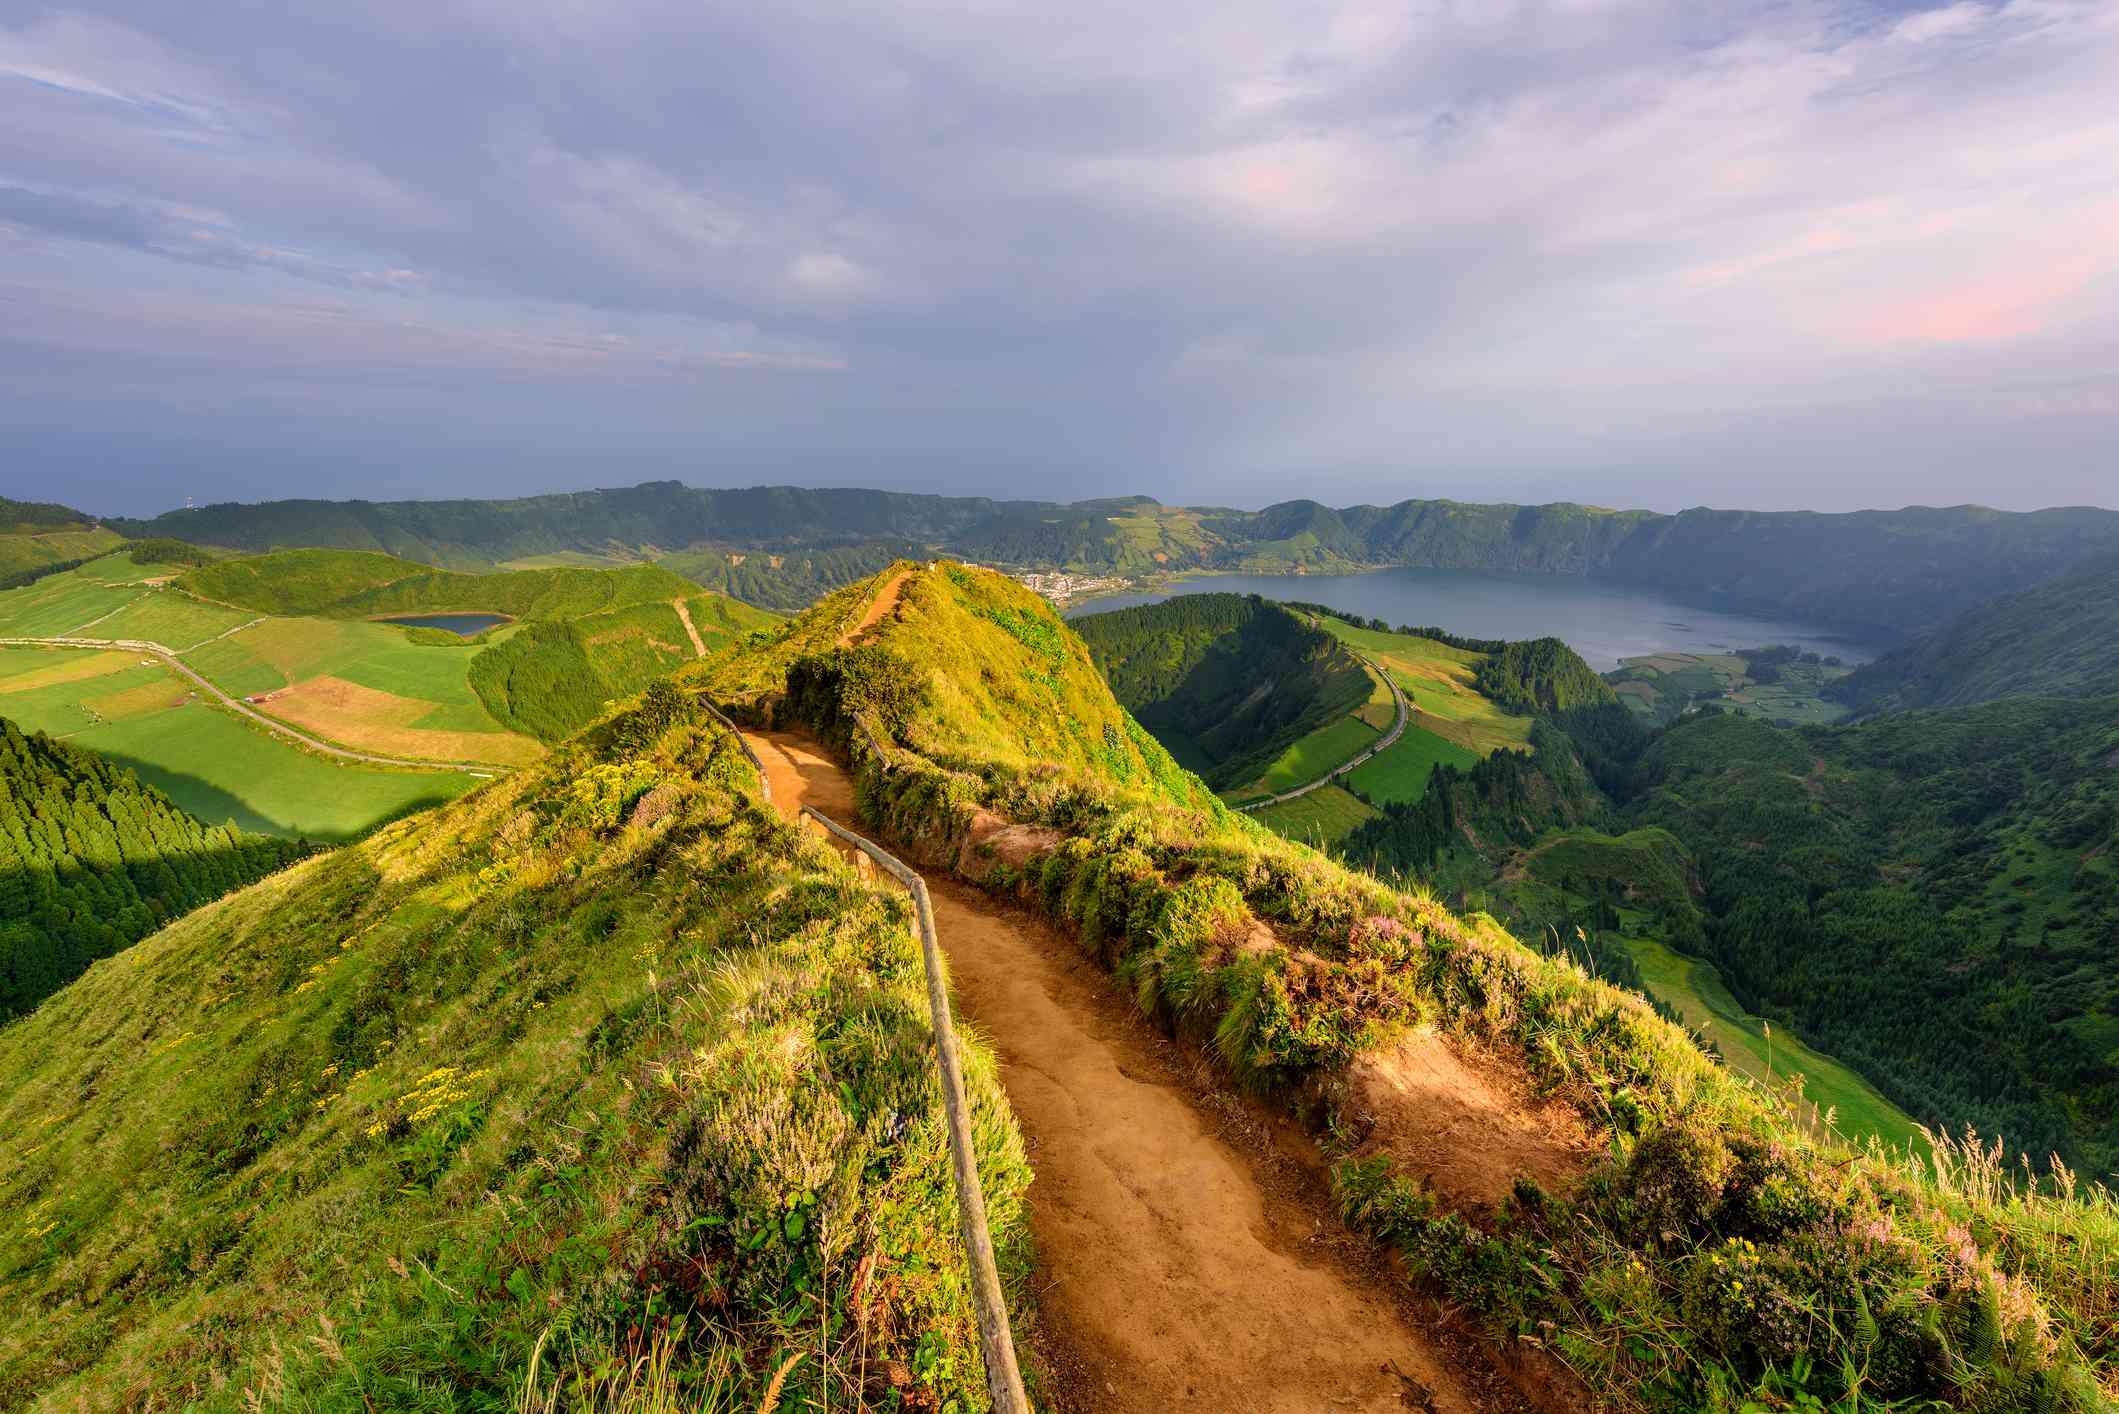 Vista panorámica de la ruta de senderismo en la isla de Sao Miguel en las Azores